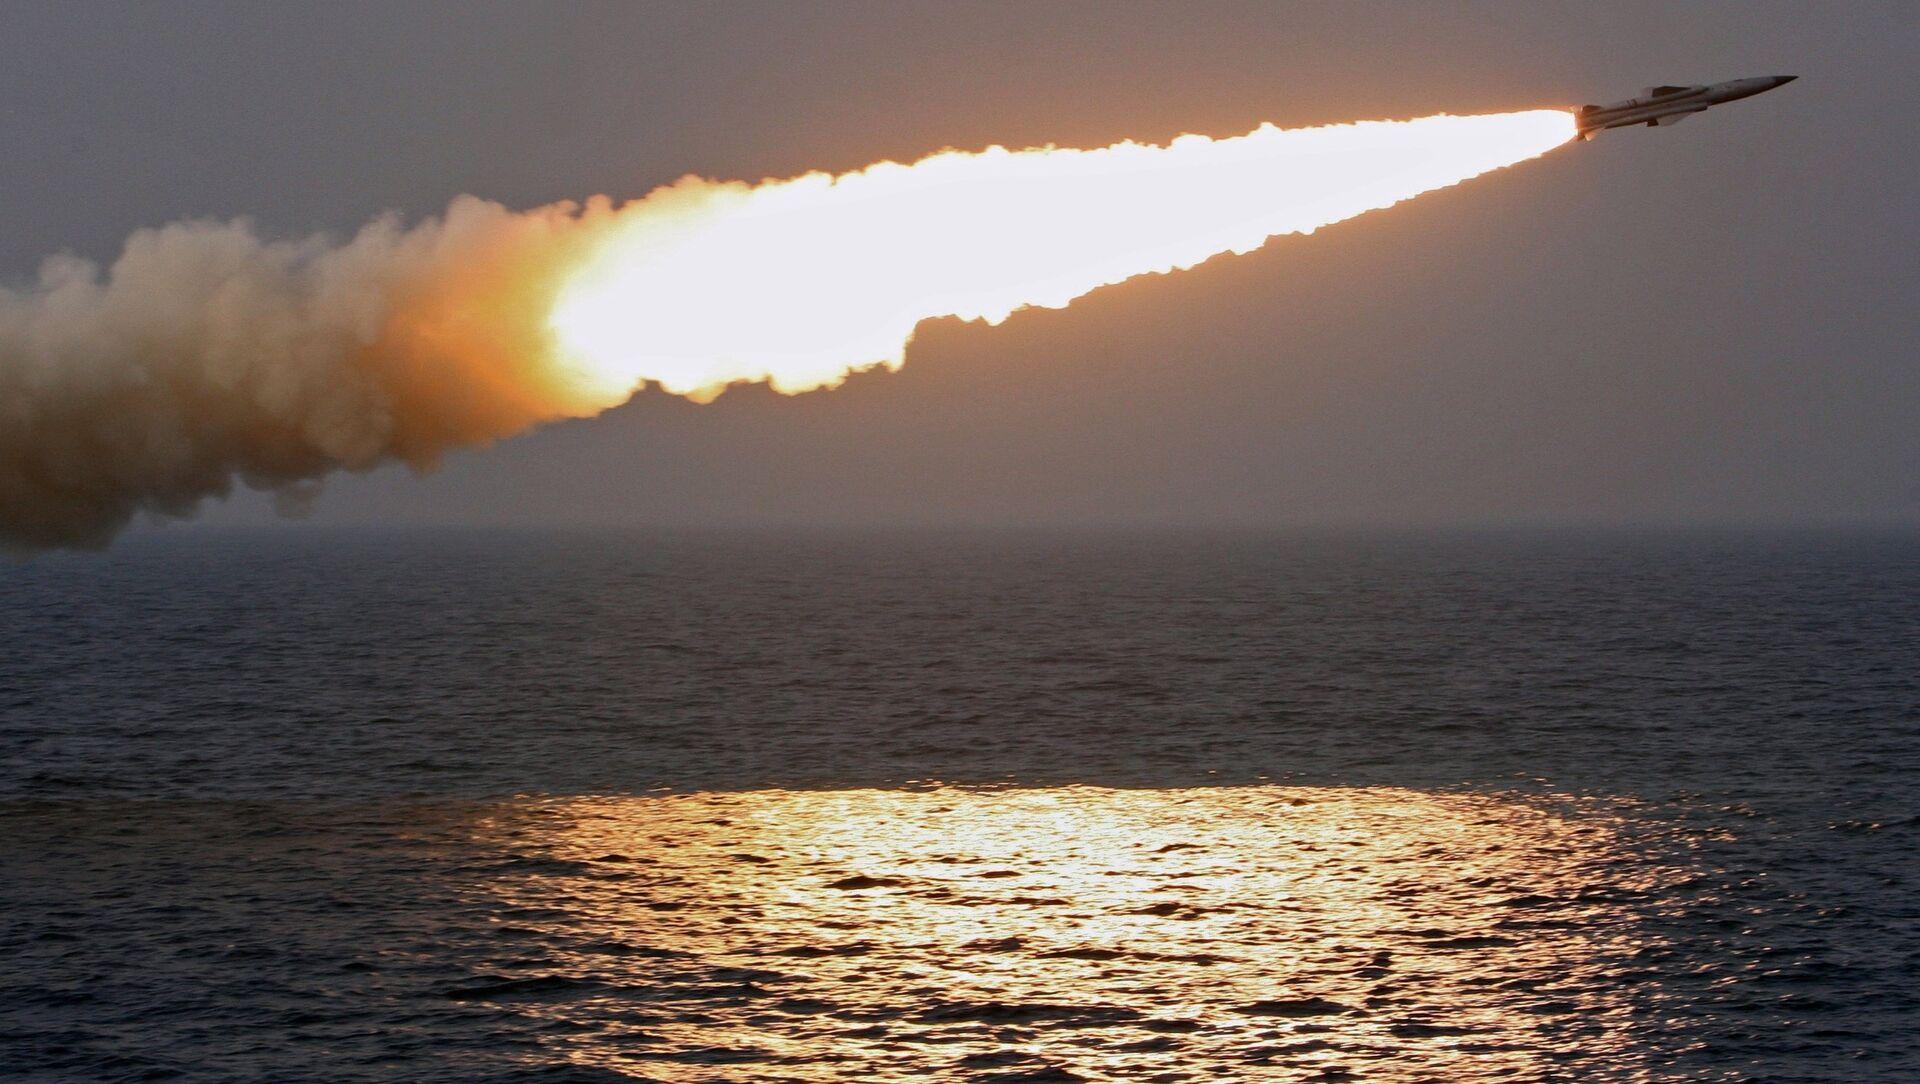 Hypersonic missile - Sputnik International, 1920, 30.07.2021